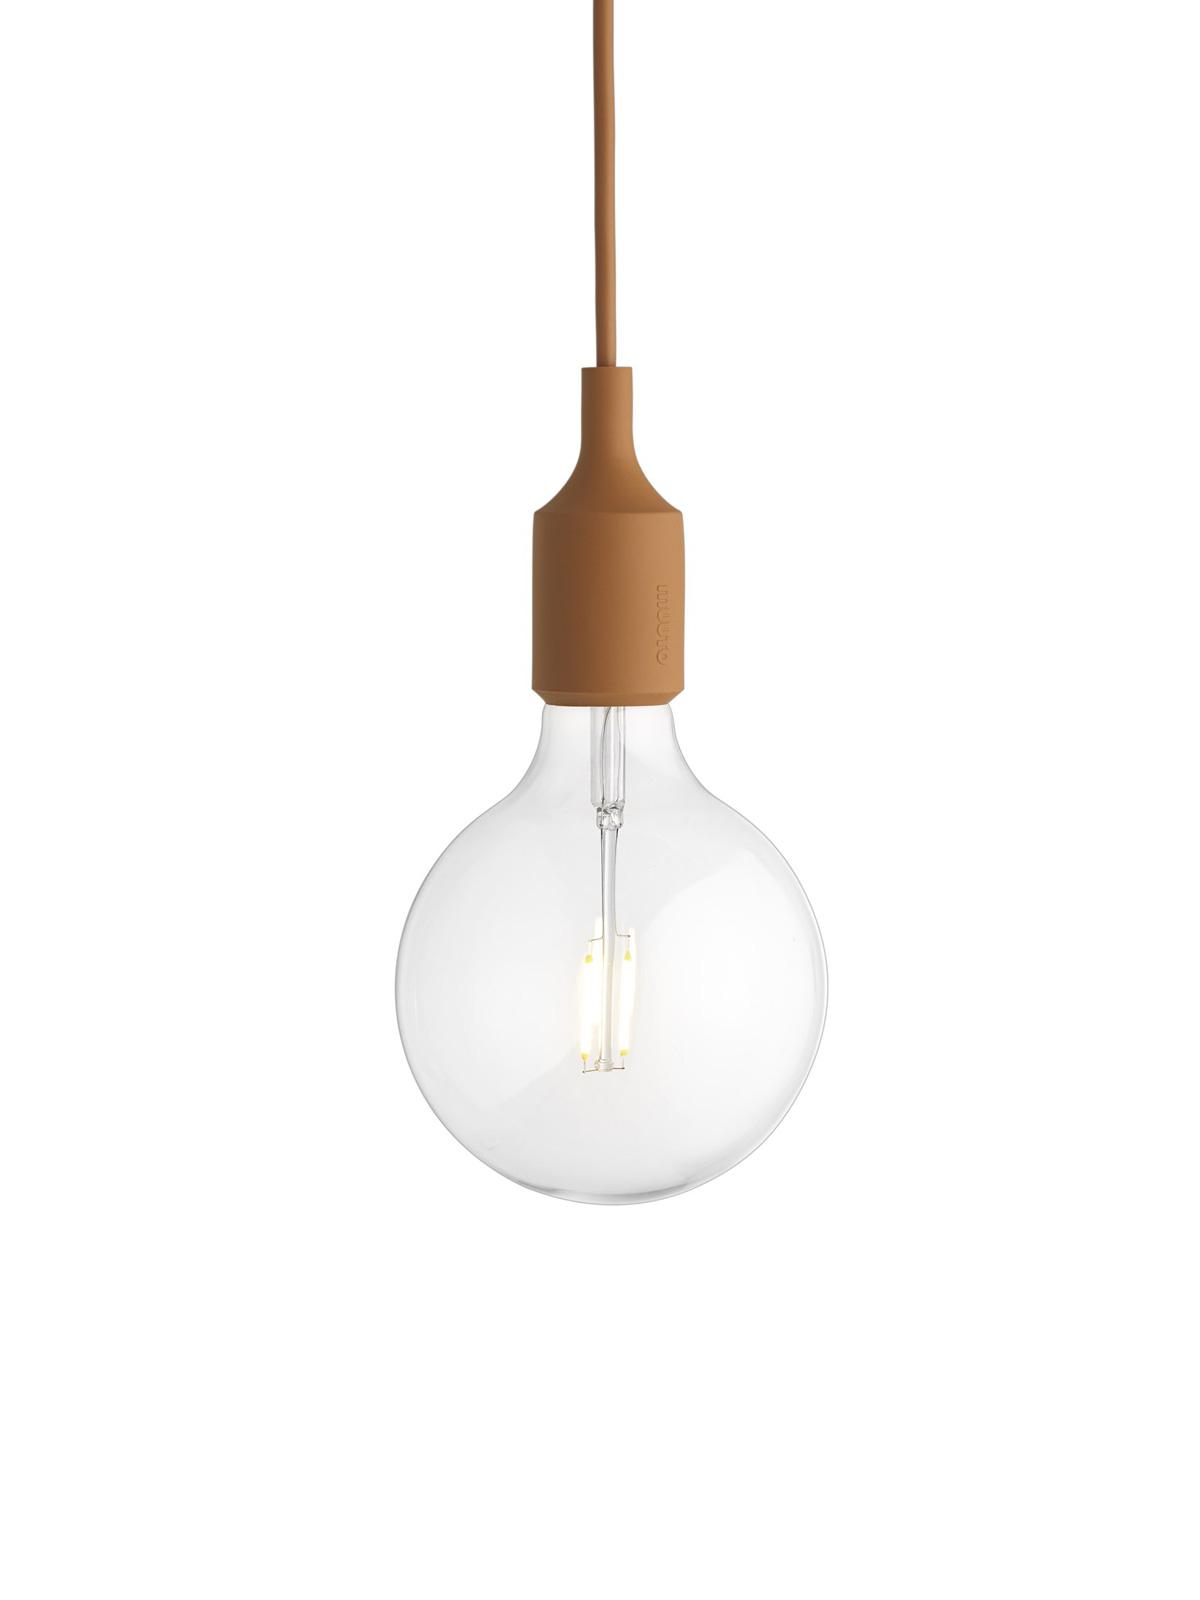 Muuto Lampenhalter aus Silikon E27